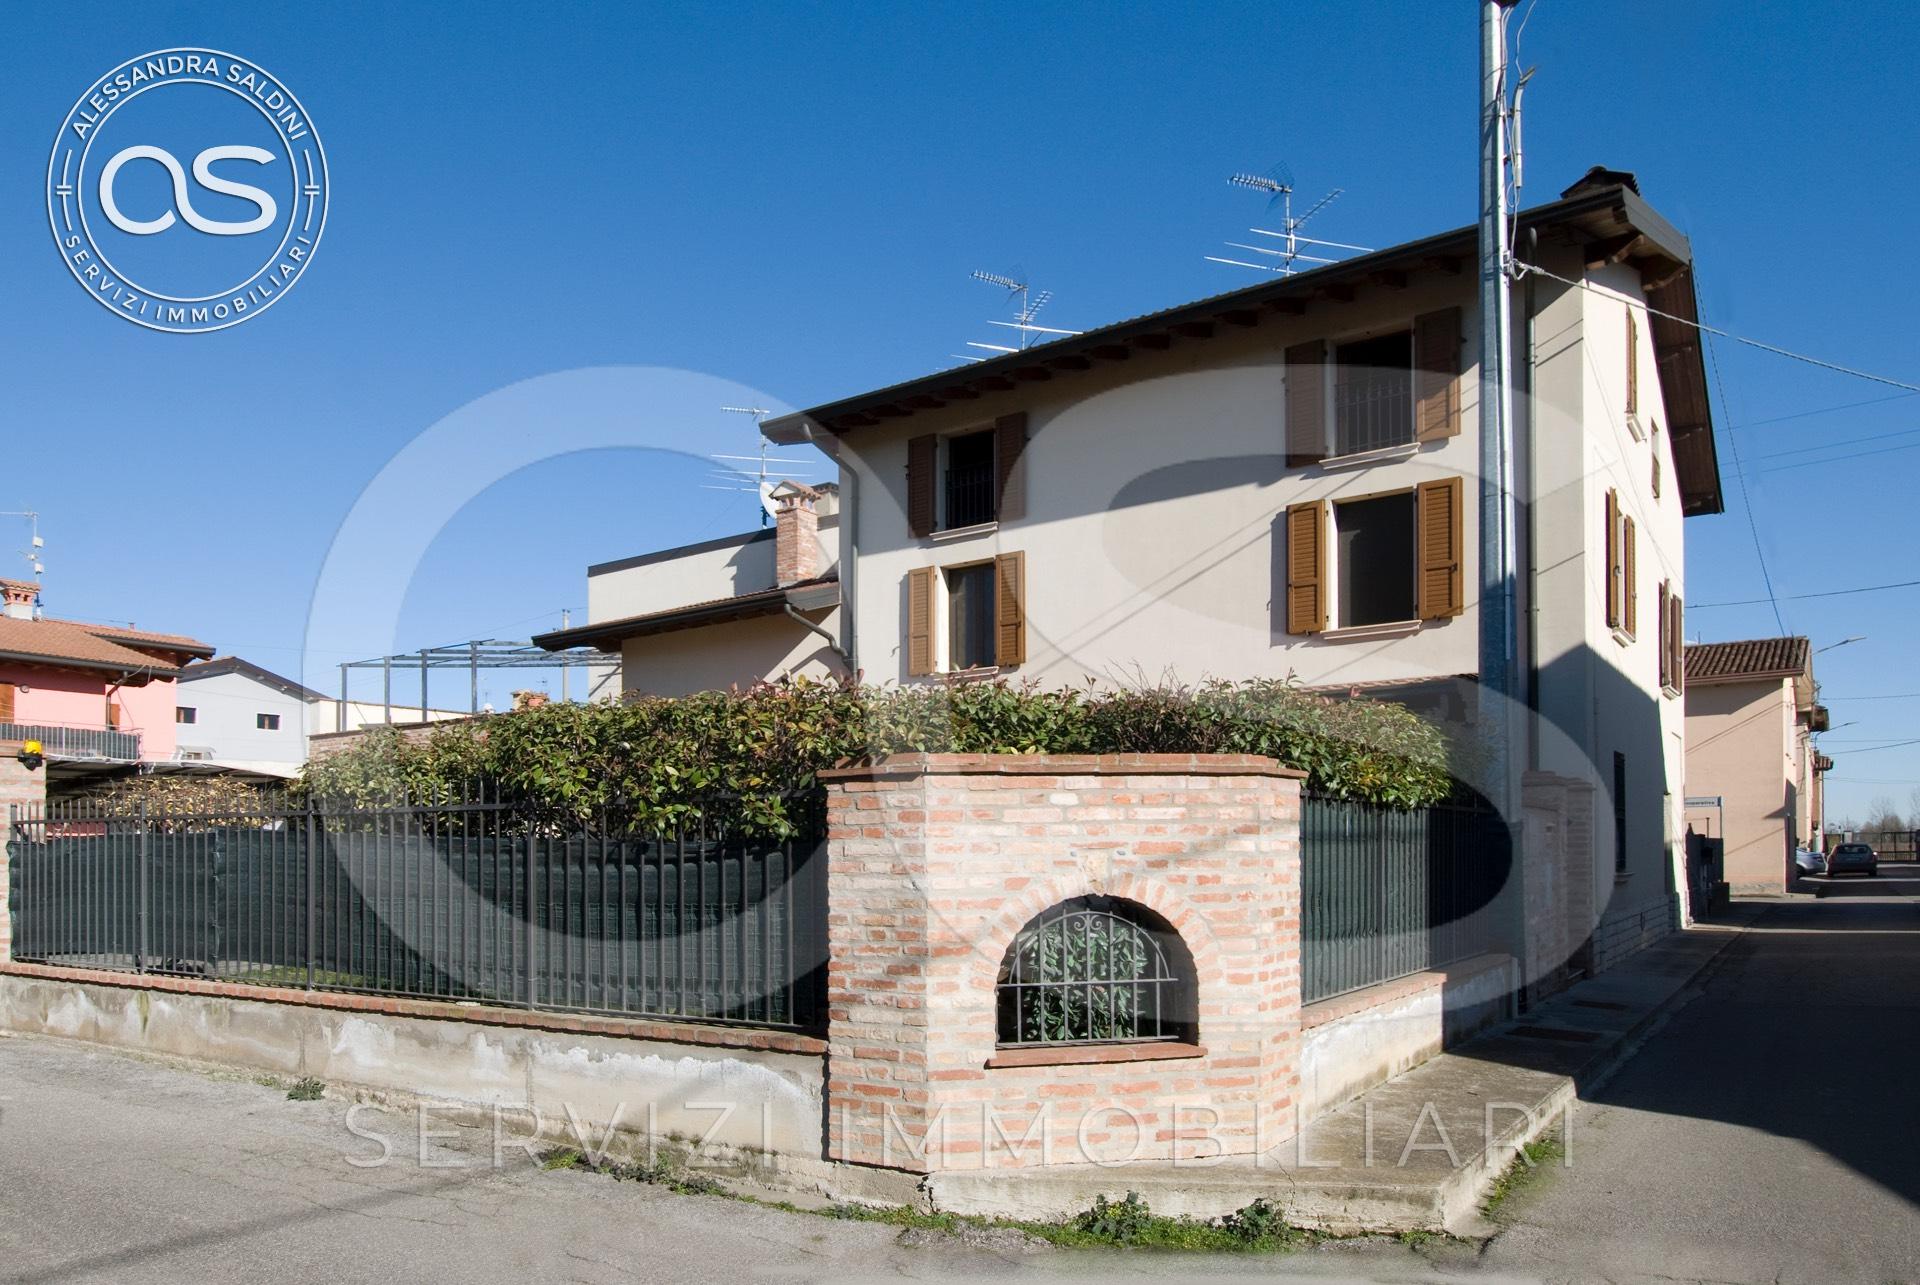 Soluzione Indipendente in vendita a Pavone del Mella, 5 locali, prezzo € 229.000 | CambioCasa.it